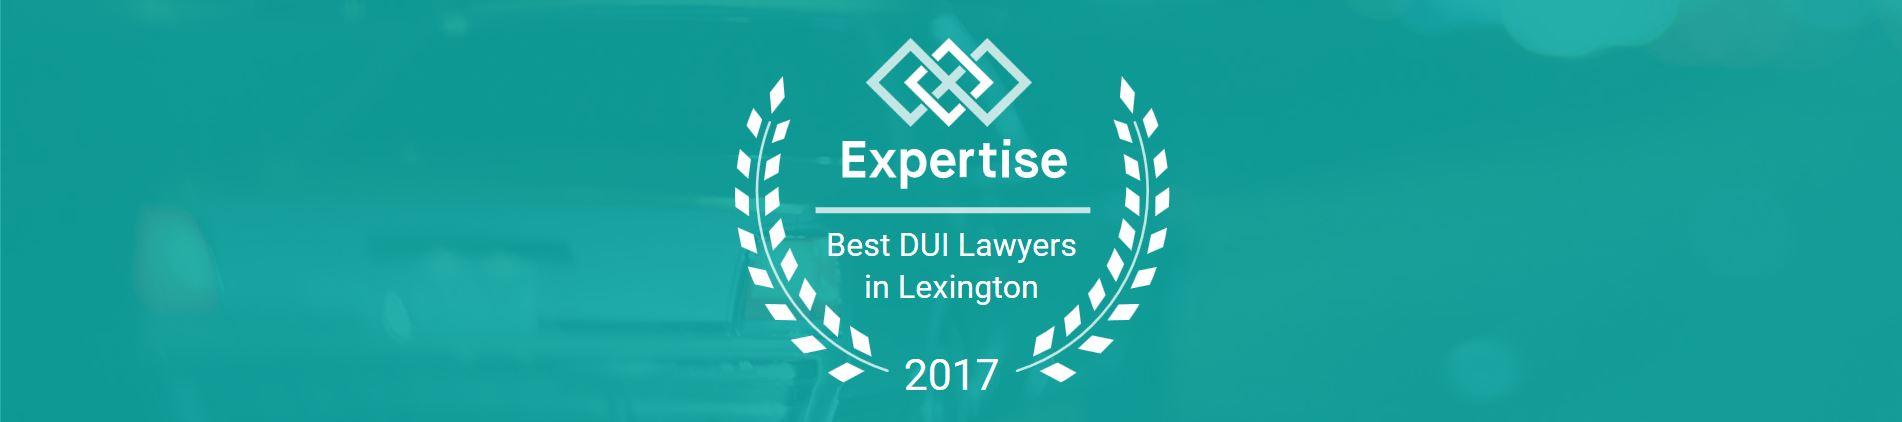 best dui lawyer lexington